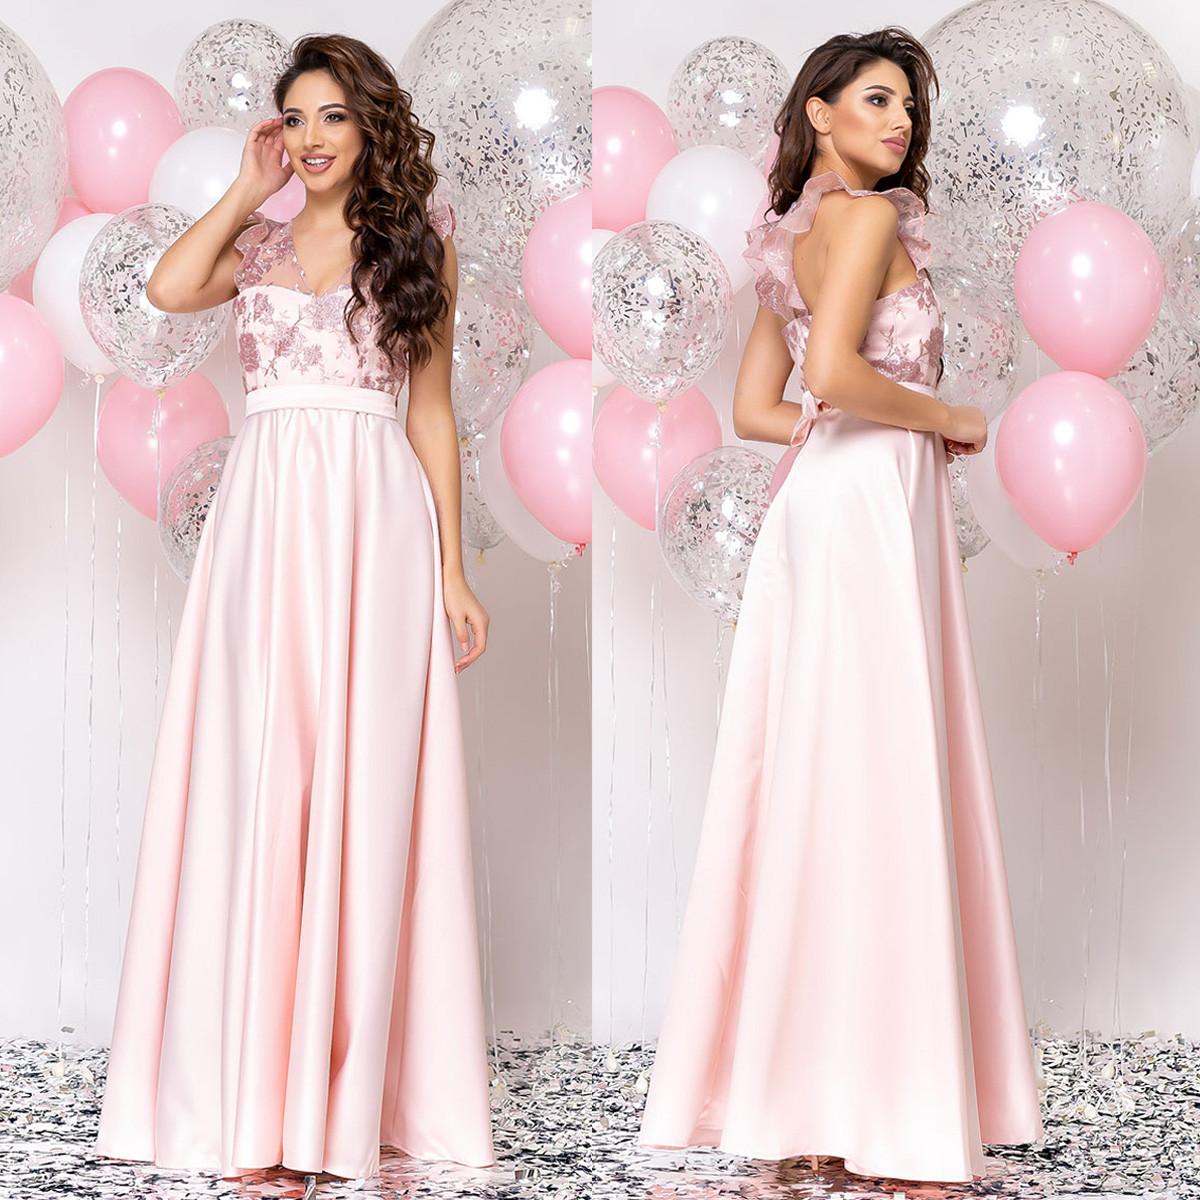 """Рожеве випускну, вечірню сукню в підлогу з атласною спідницею """"Енжел"""""""